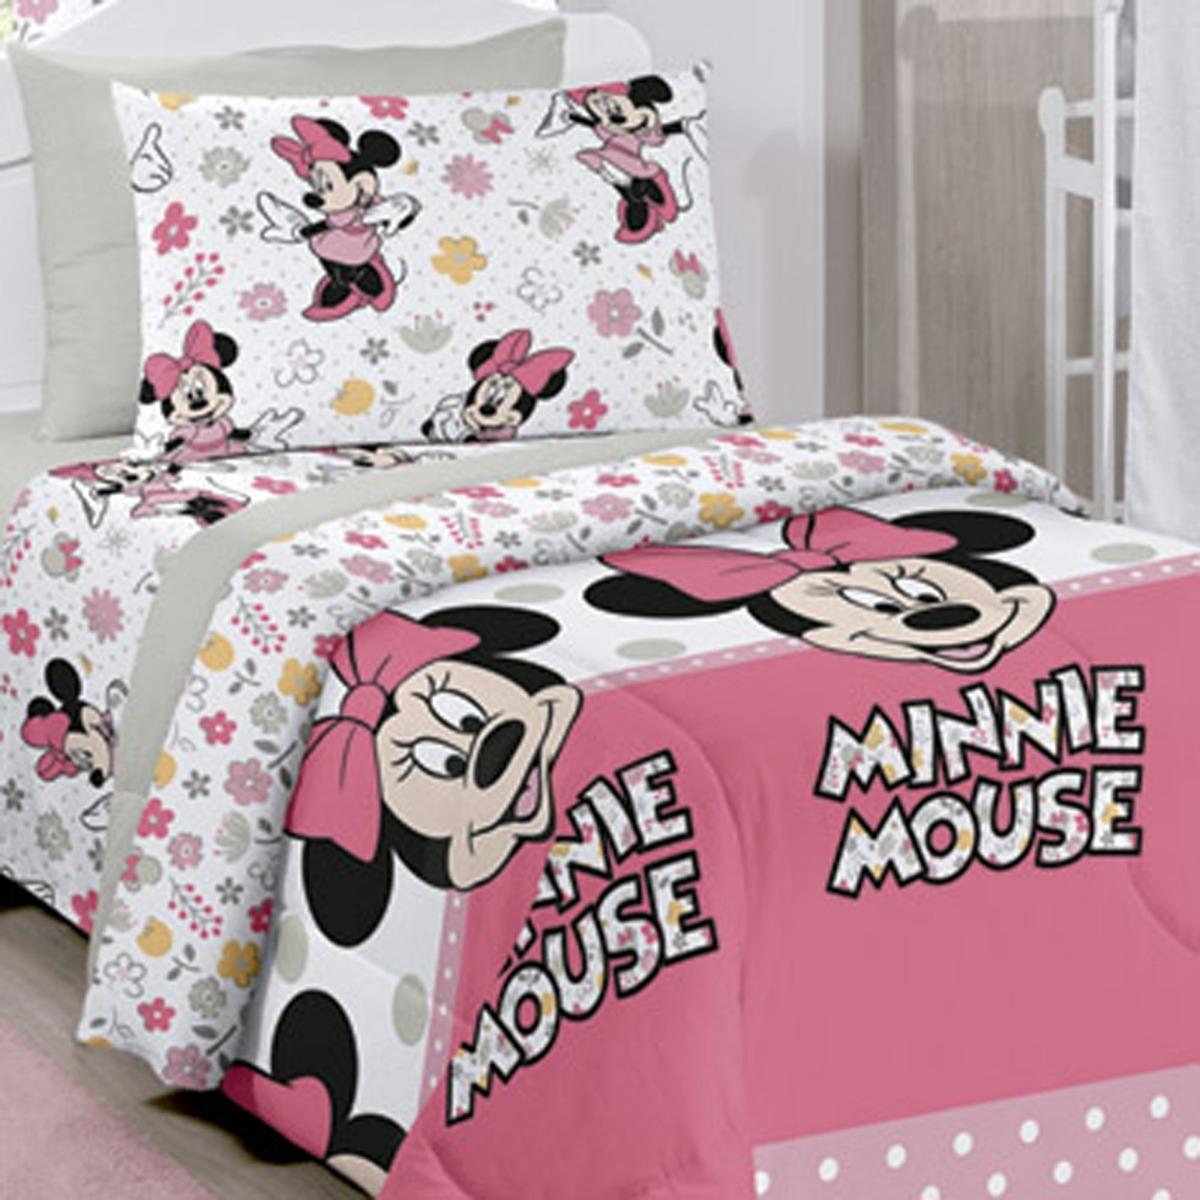 c0950185ab Jogo De Cama Quarto Crianca Lencol Disney Minnie Happy 3 Pçs - R  72 ...